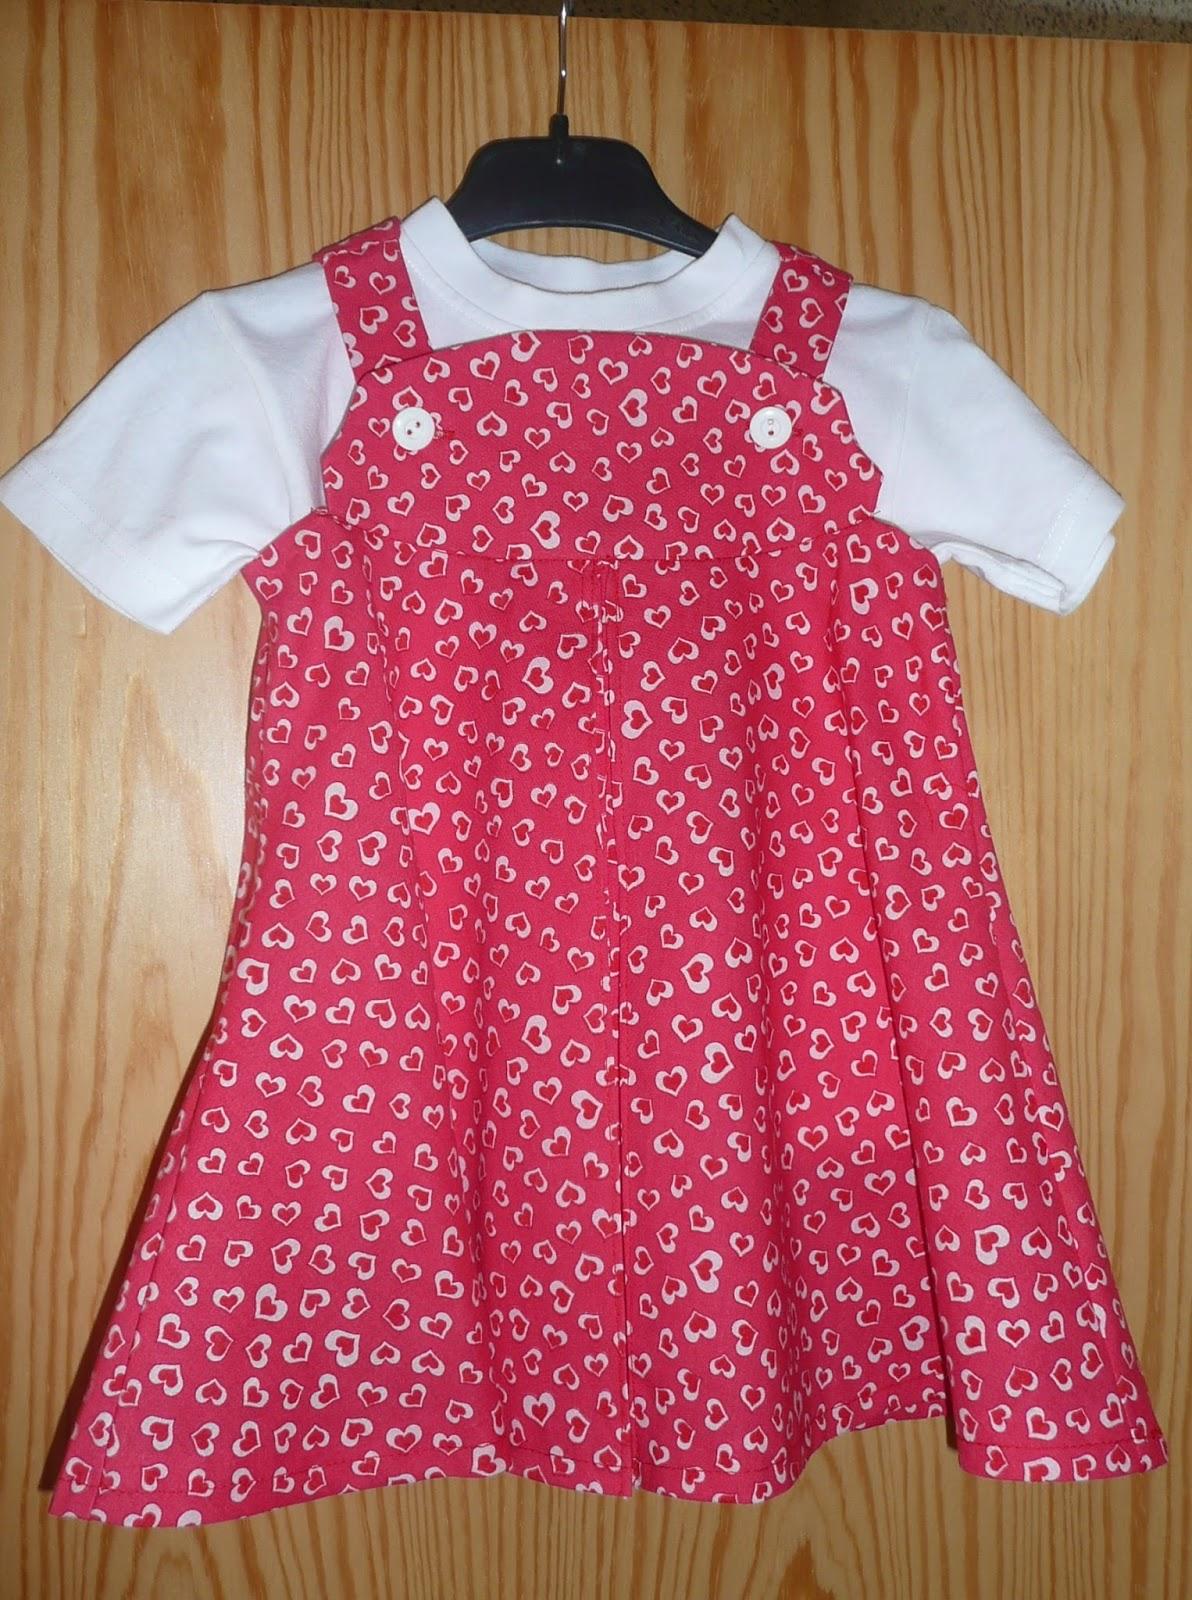 28f915250c934 ... taille 2 ans dans une agréable cotonnade rouge-framboise avec des  petits cœurs blancs. J ai trouvé ce tissu au marché du tissu à Luxembourg.